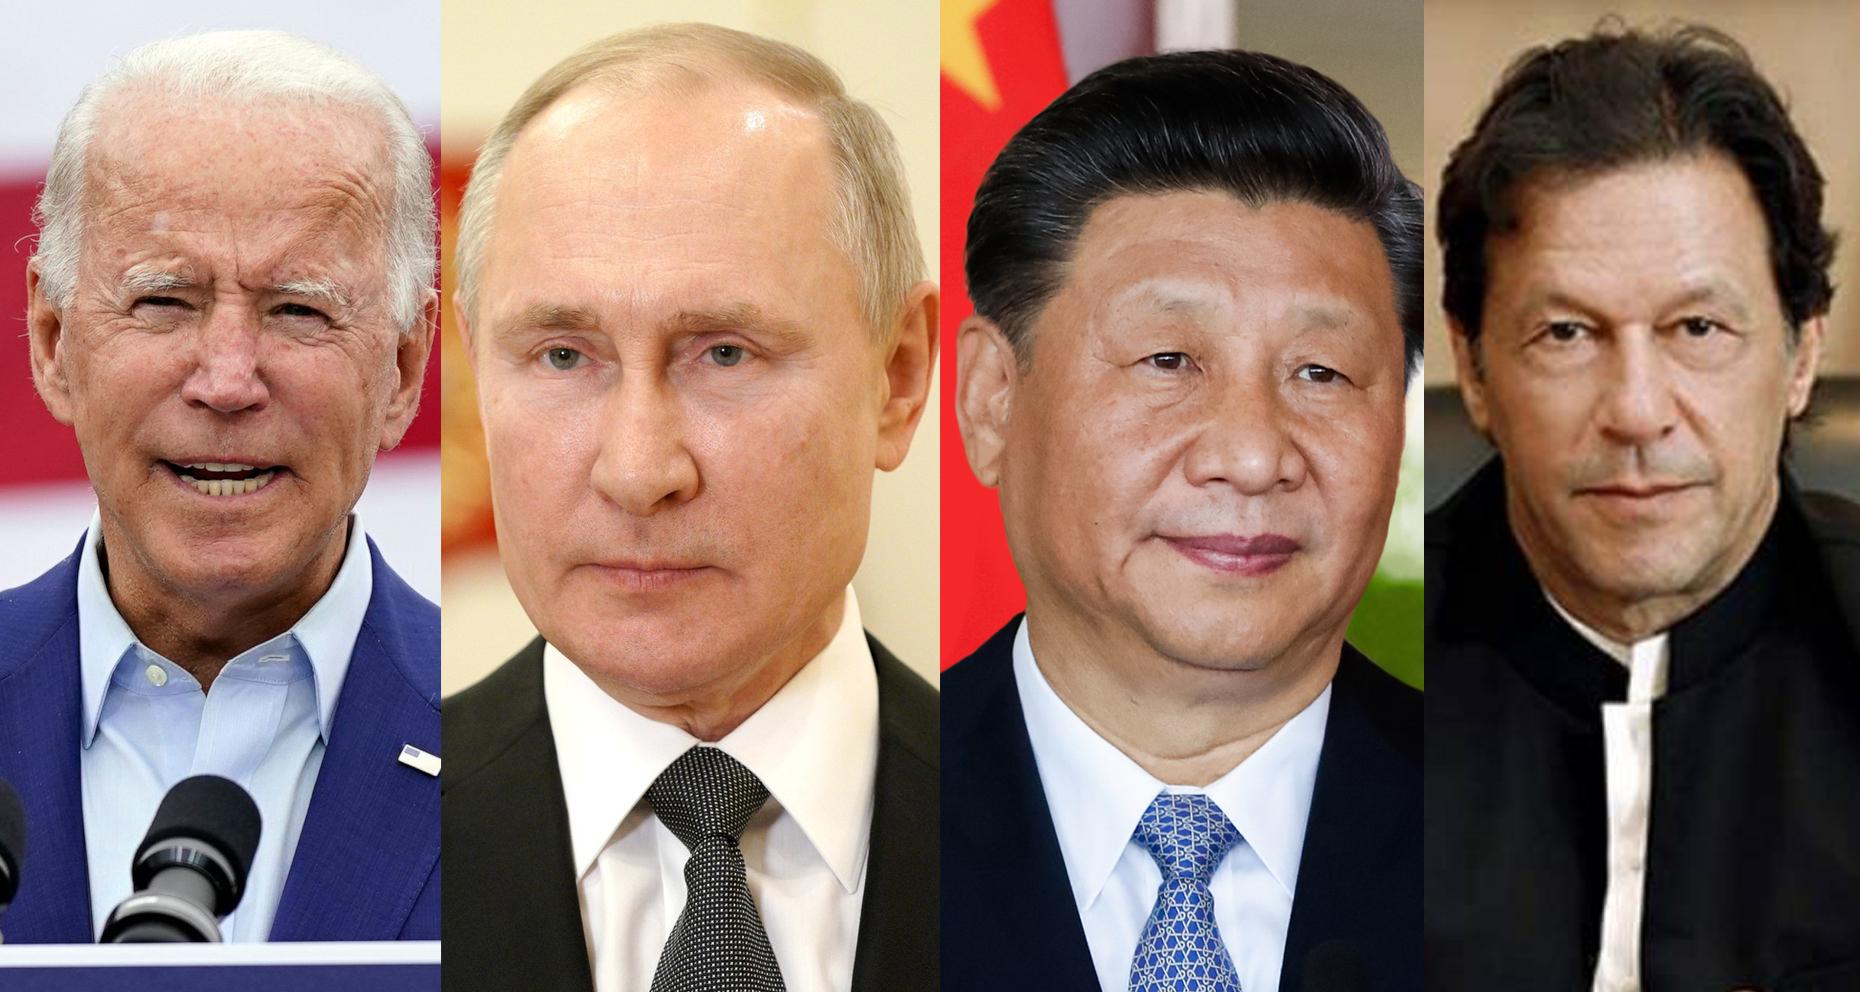 अमेरिका, रुस, चीन र पाकिस्तान एकसाथ मिलेर के गर्दैछन् ?